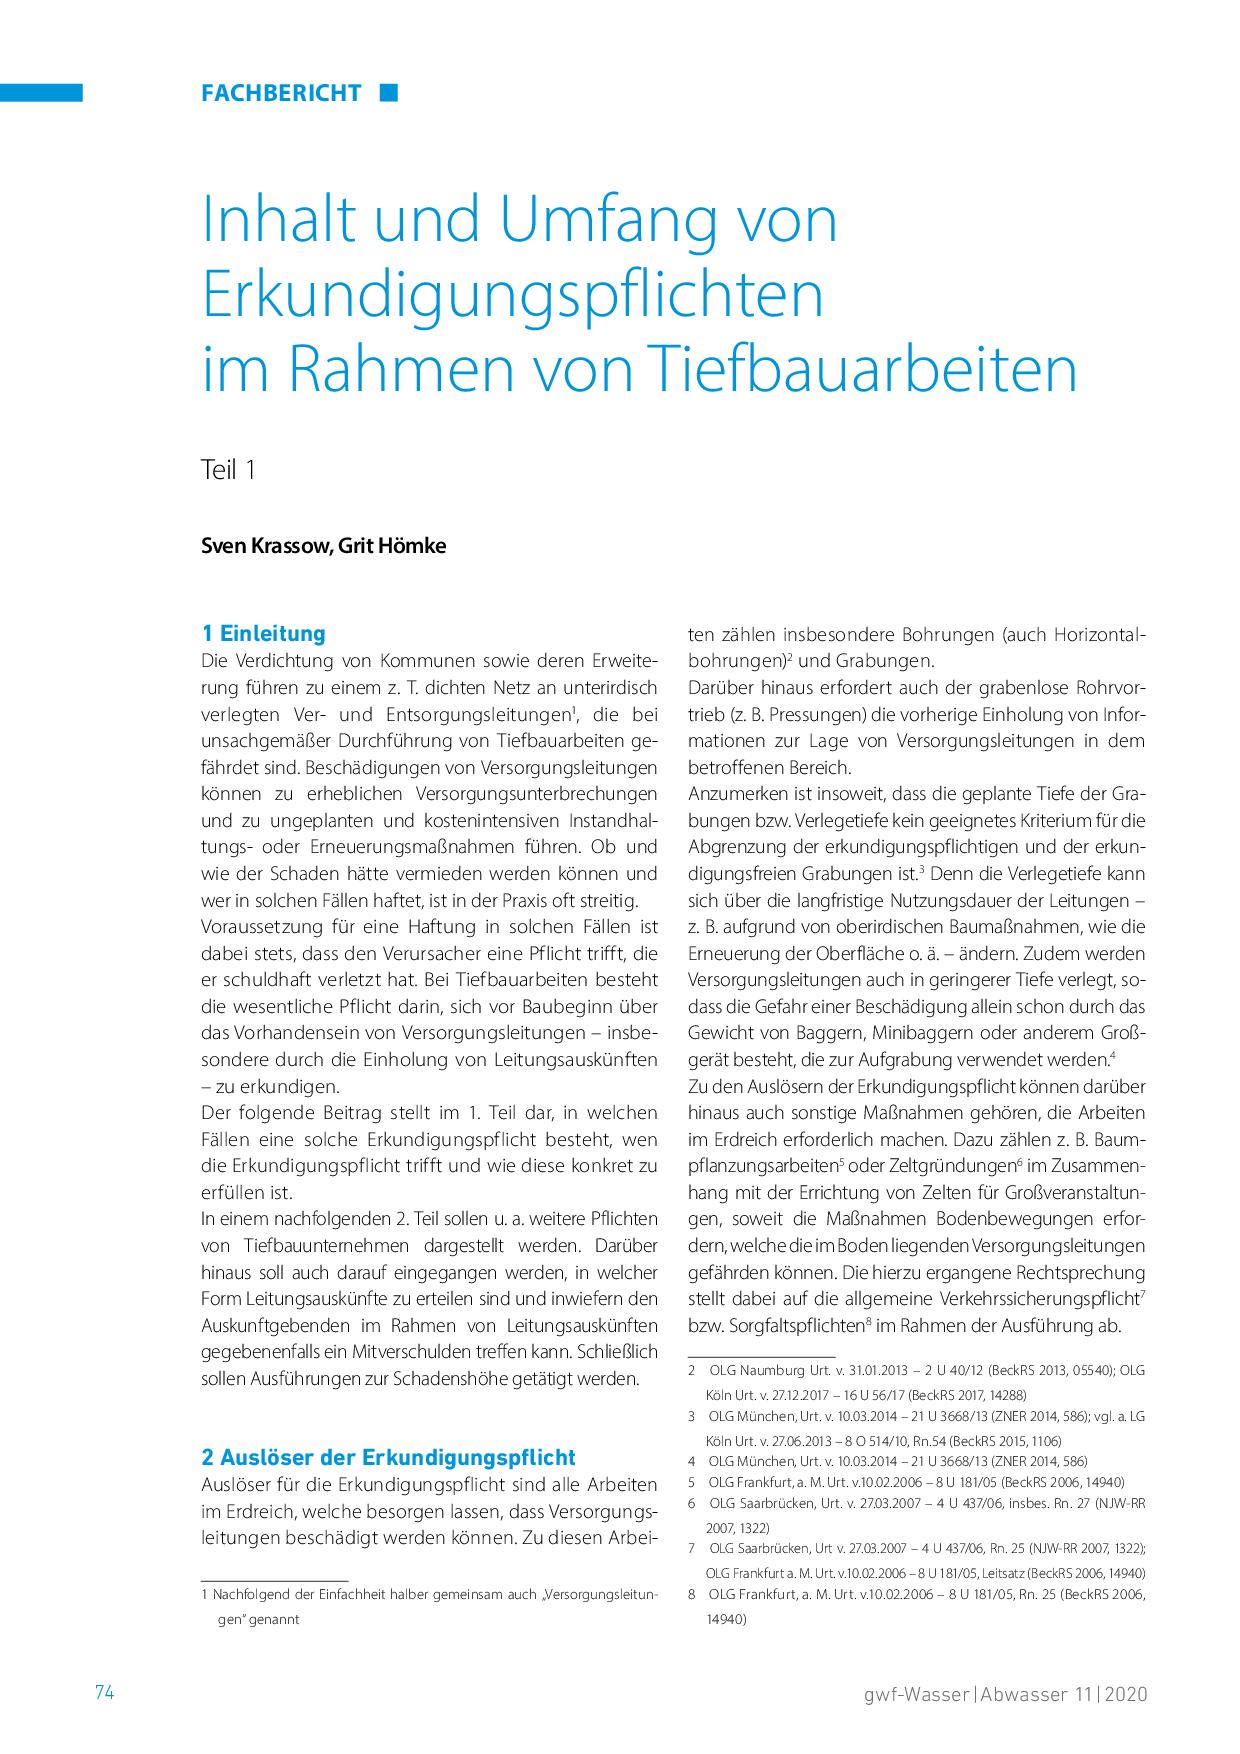 Inhalt und Umfang von Erkundigungspflichten im Rahmen von Tiefbauarbeiten